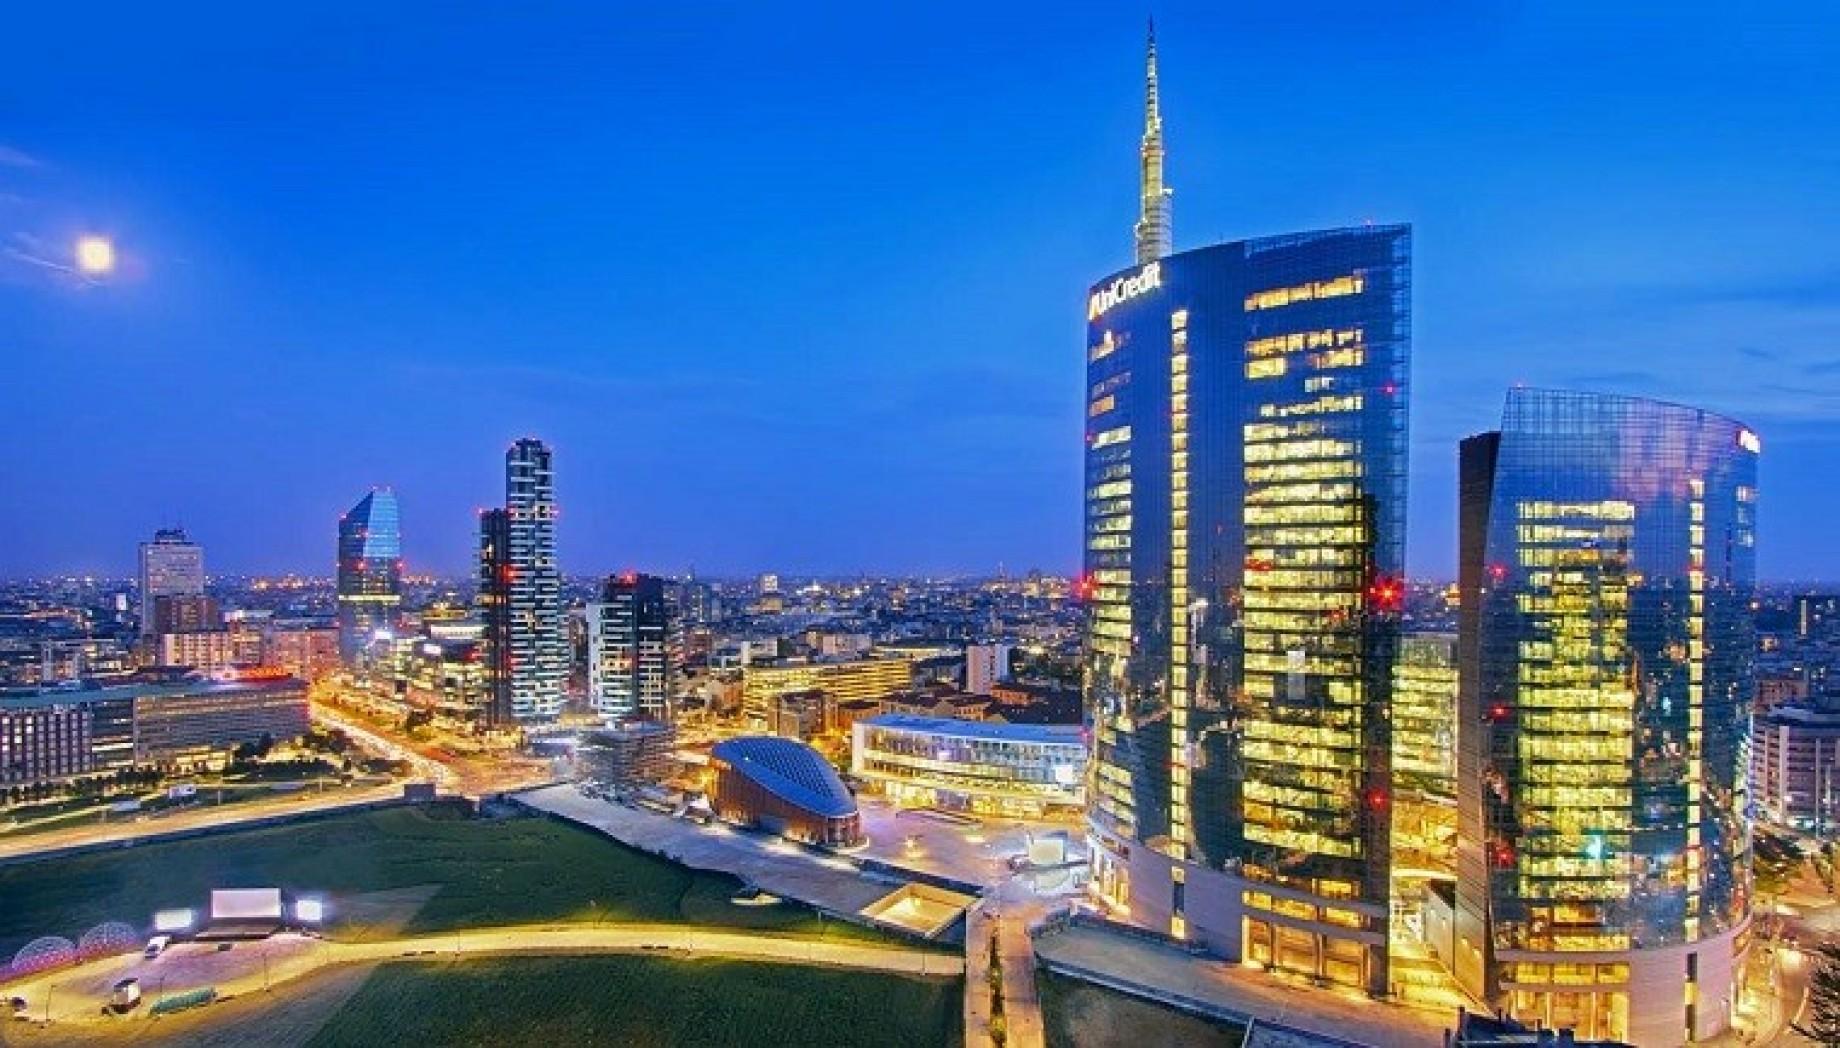 Milano cresce e vola: nuove case e giovani in arrivo!